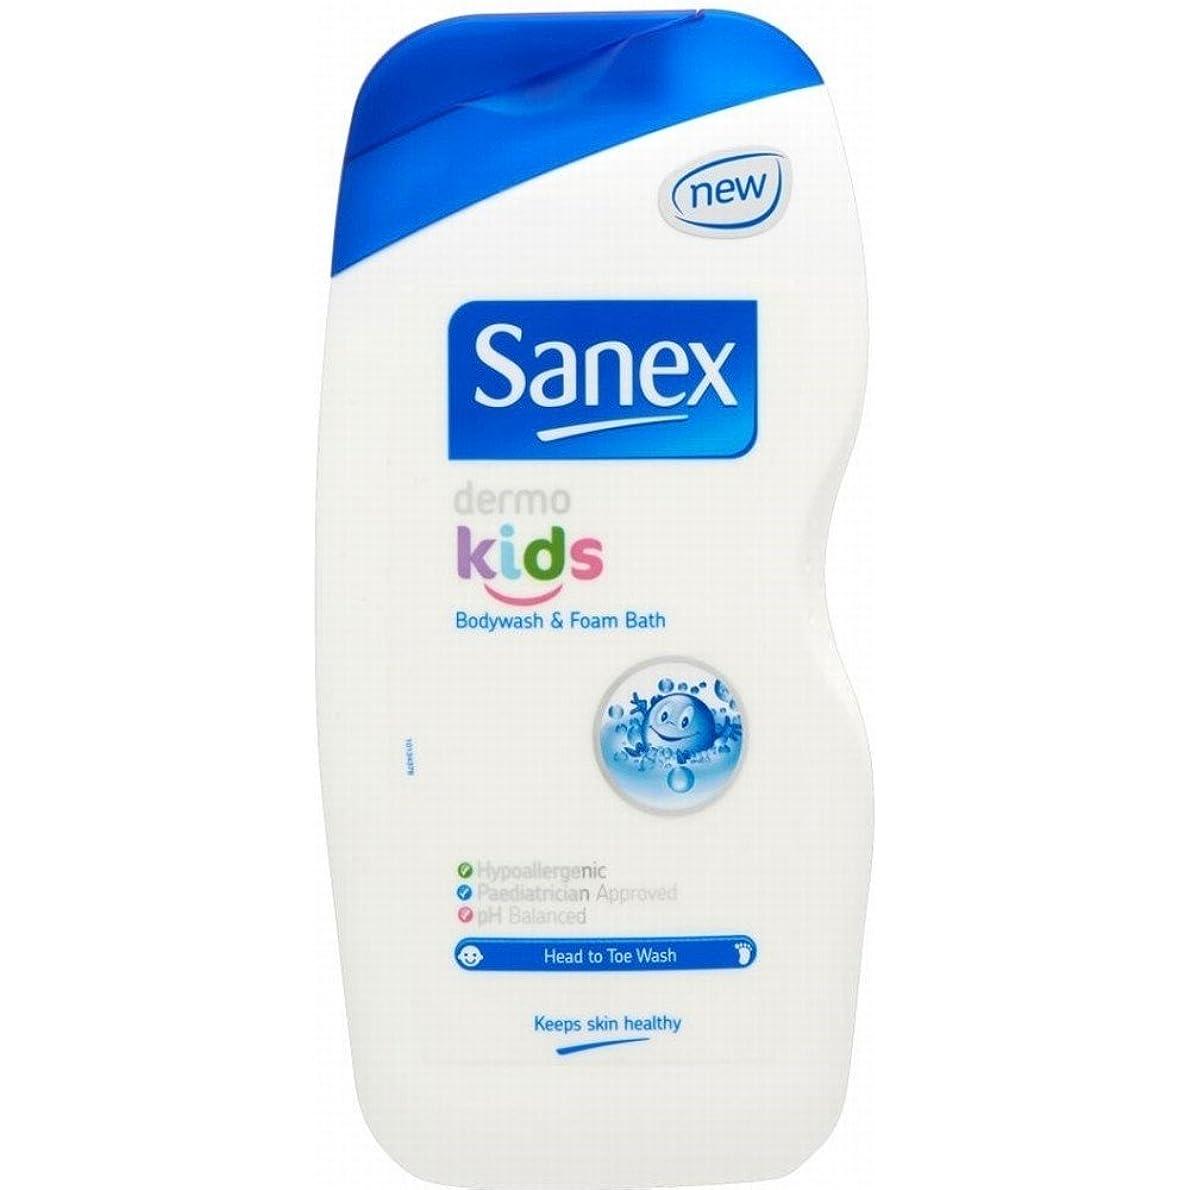 挽く内陸影のあるSanex Dermo Kids Body Wash & Foam Bath (500ml) Sanex真皮キッズボディウォッシュと泡風呂( 500ミリリットル) [並行輸入品]